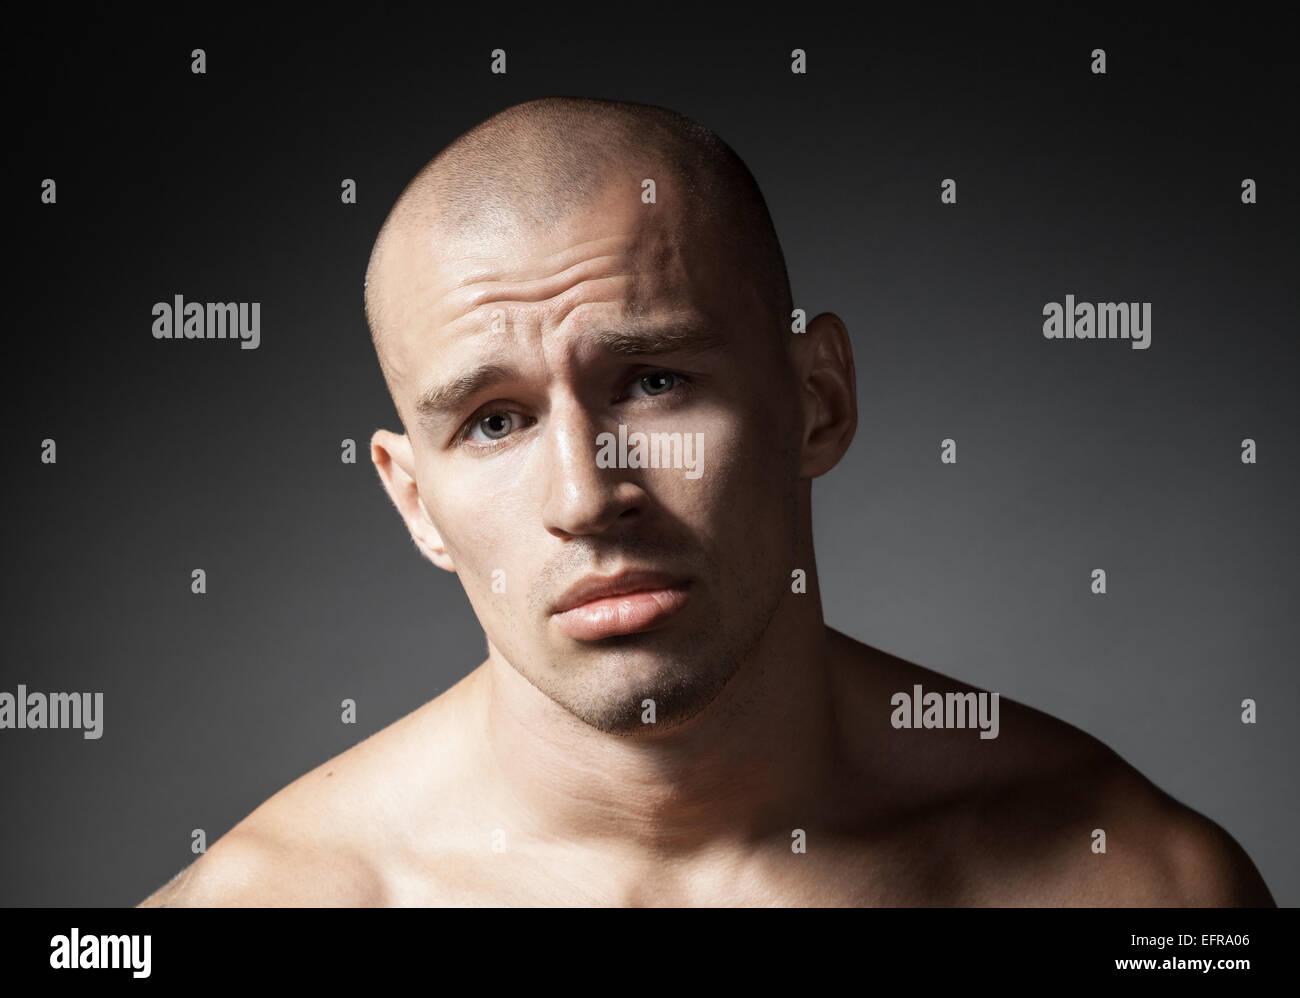 Ritratto di pietoso uomo forte isolato su sfondo grigio Immagini Stock